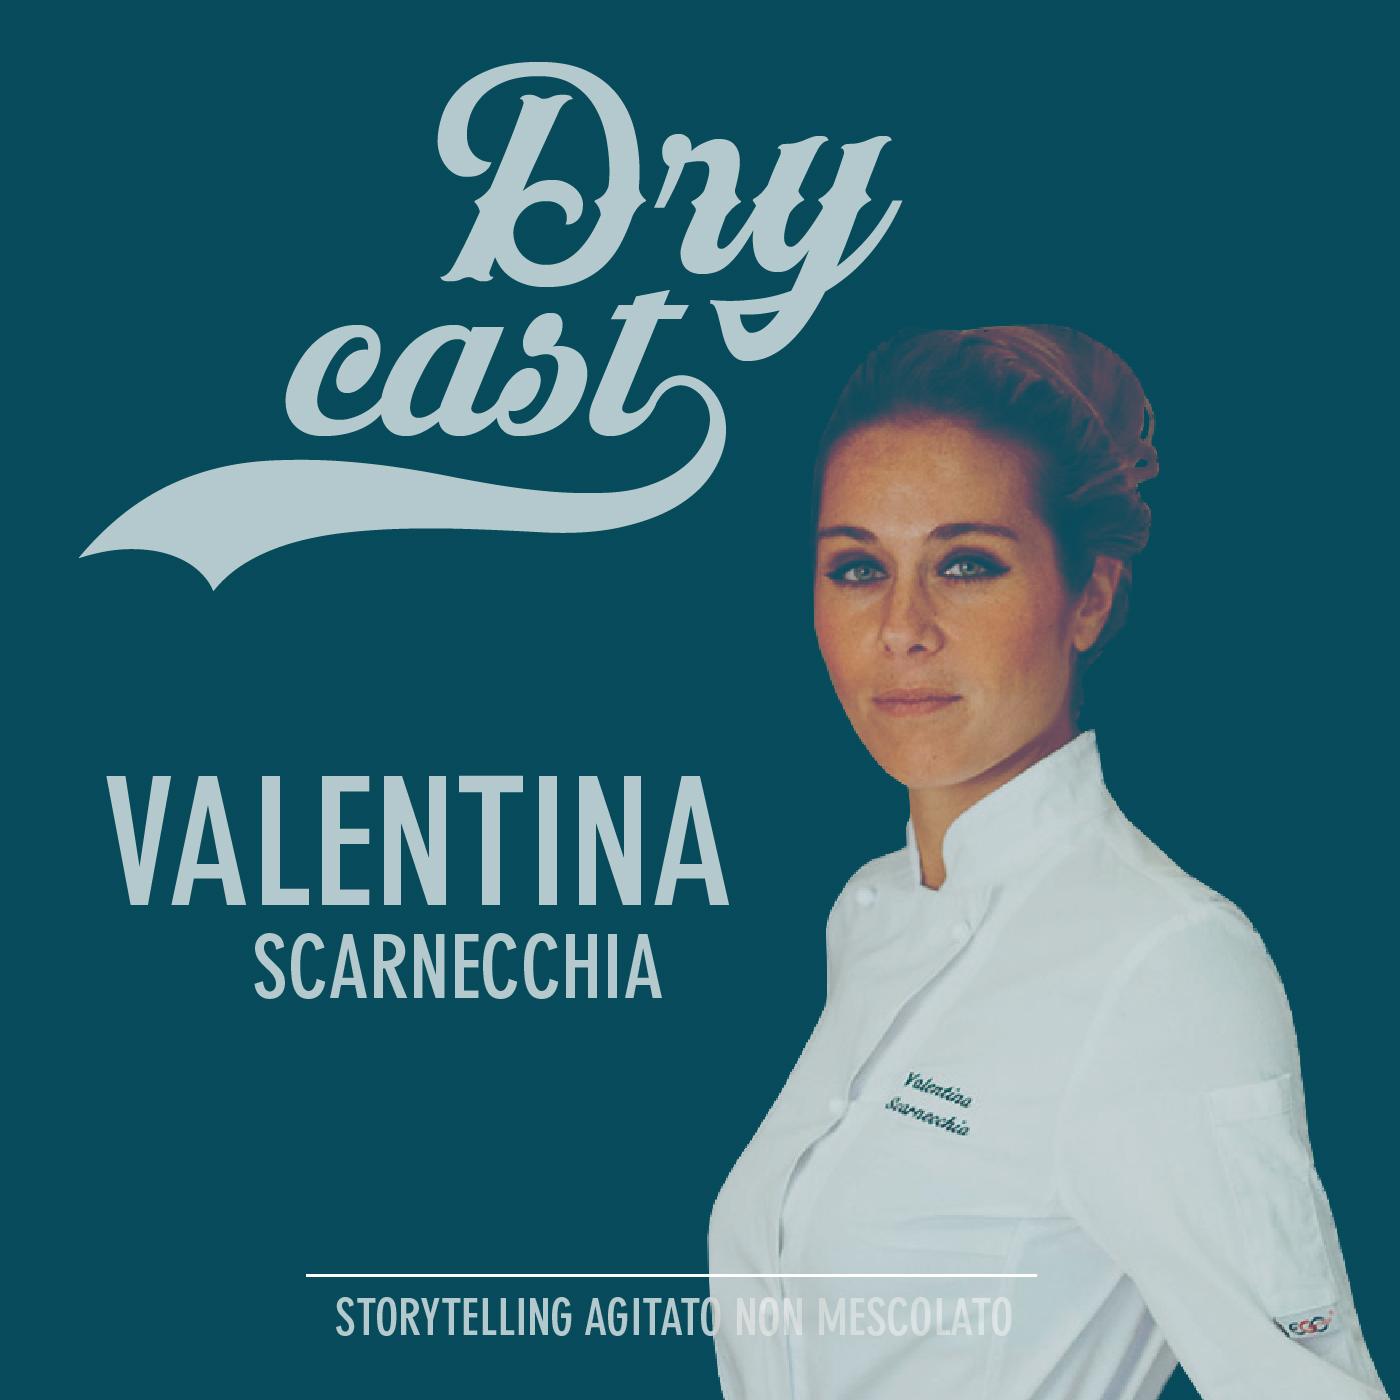 19 - Valentina Scarnecchia